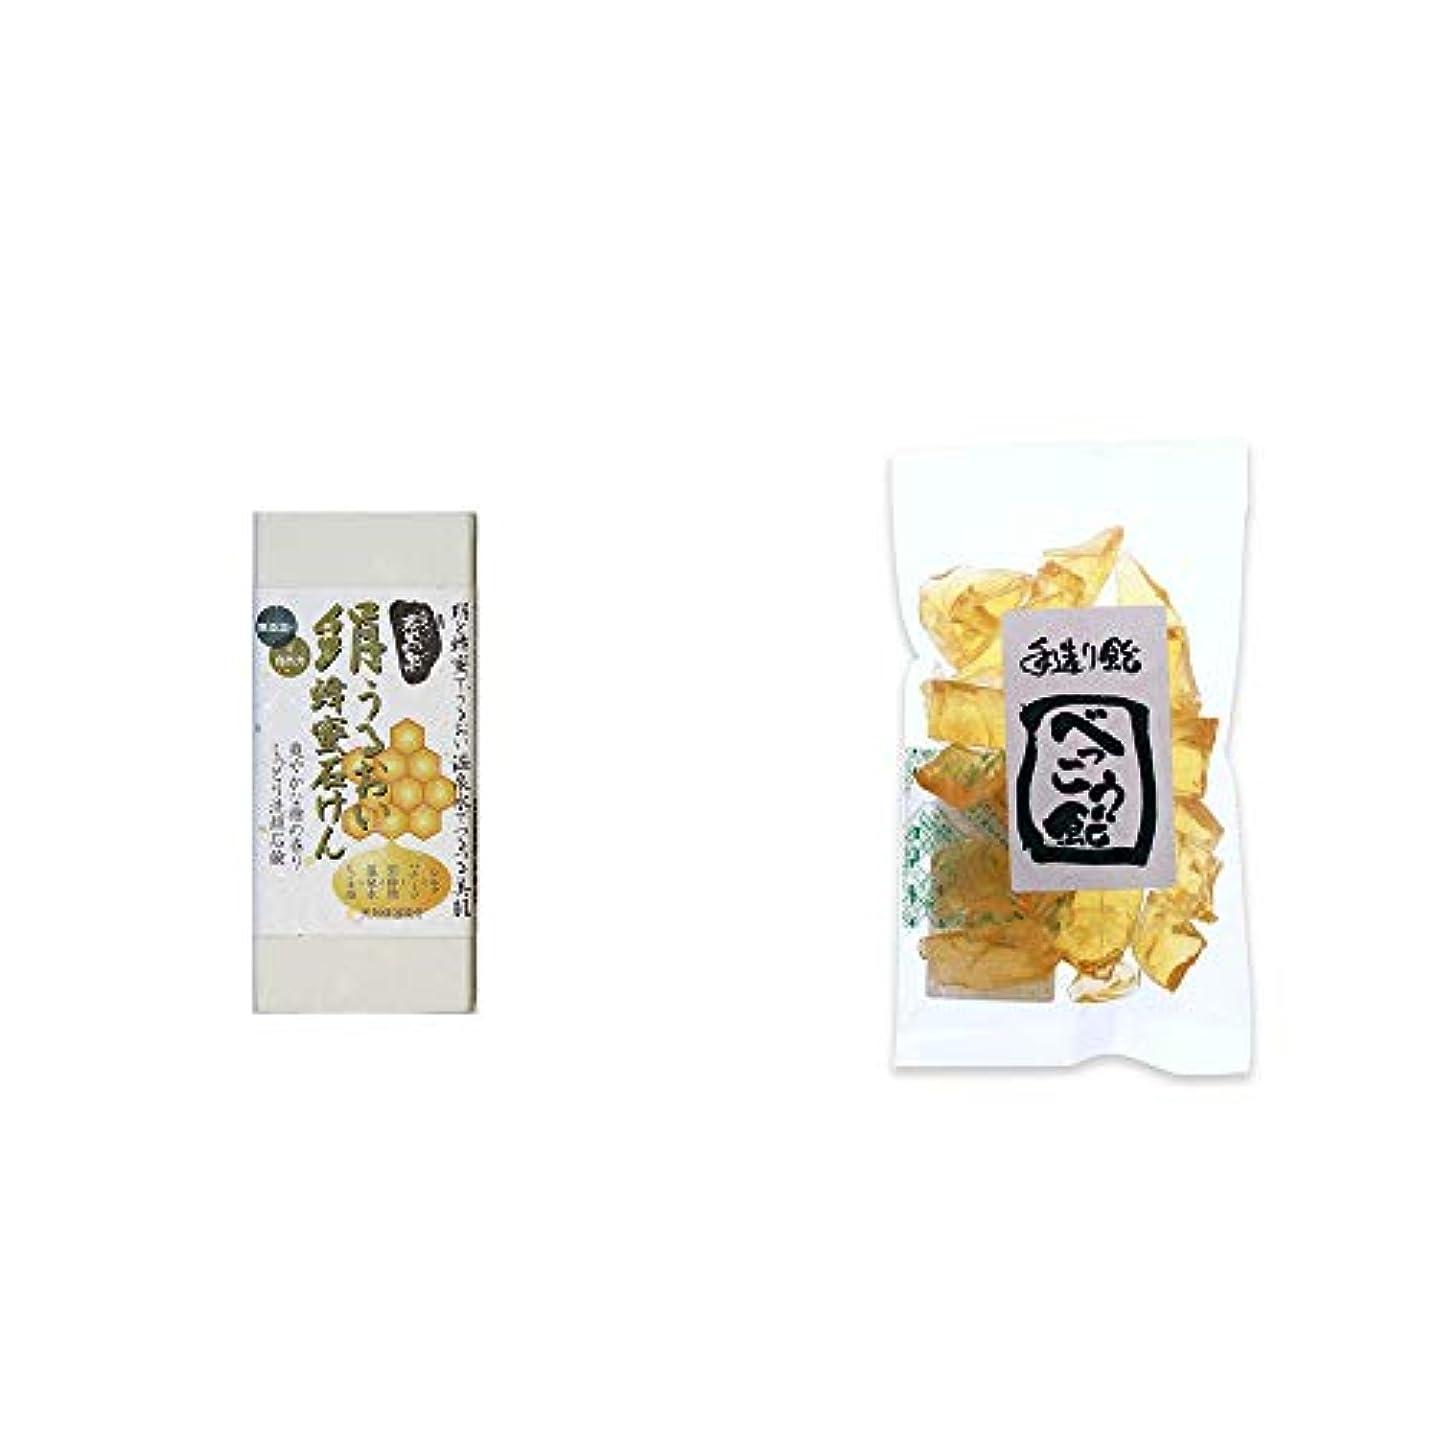 試みるオーバーヘッド台風[2点セット] ひのき炭黒泉 絹うるおい蜂蜜石けん(75g×2)?べっこう飴(160g)